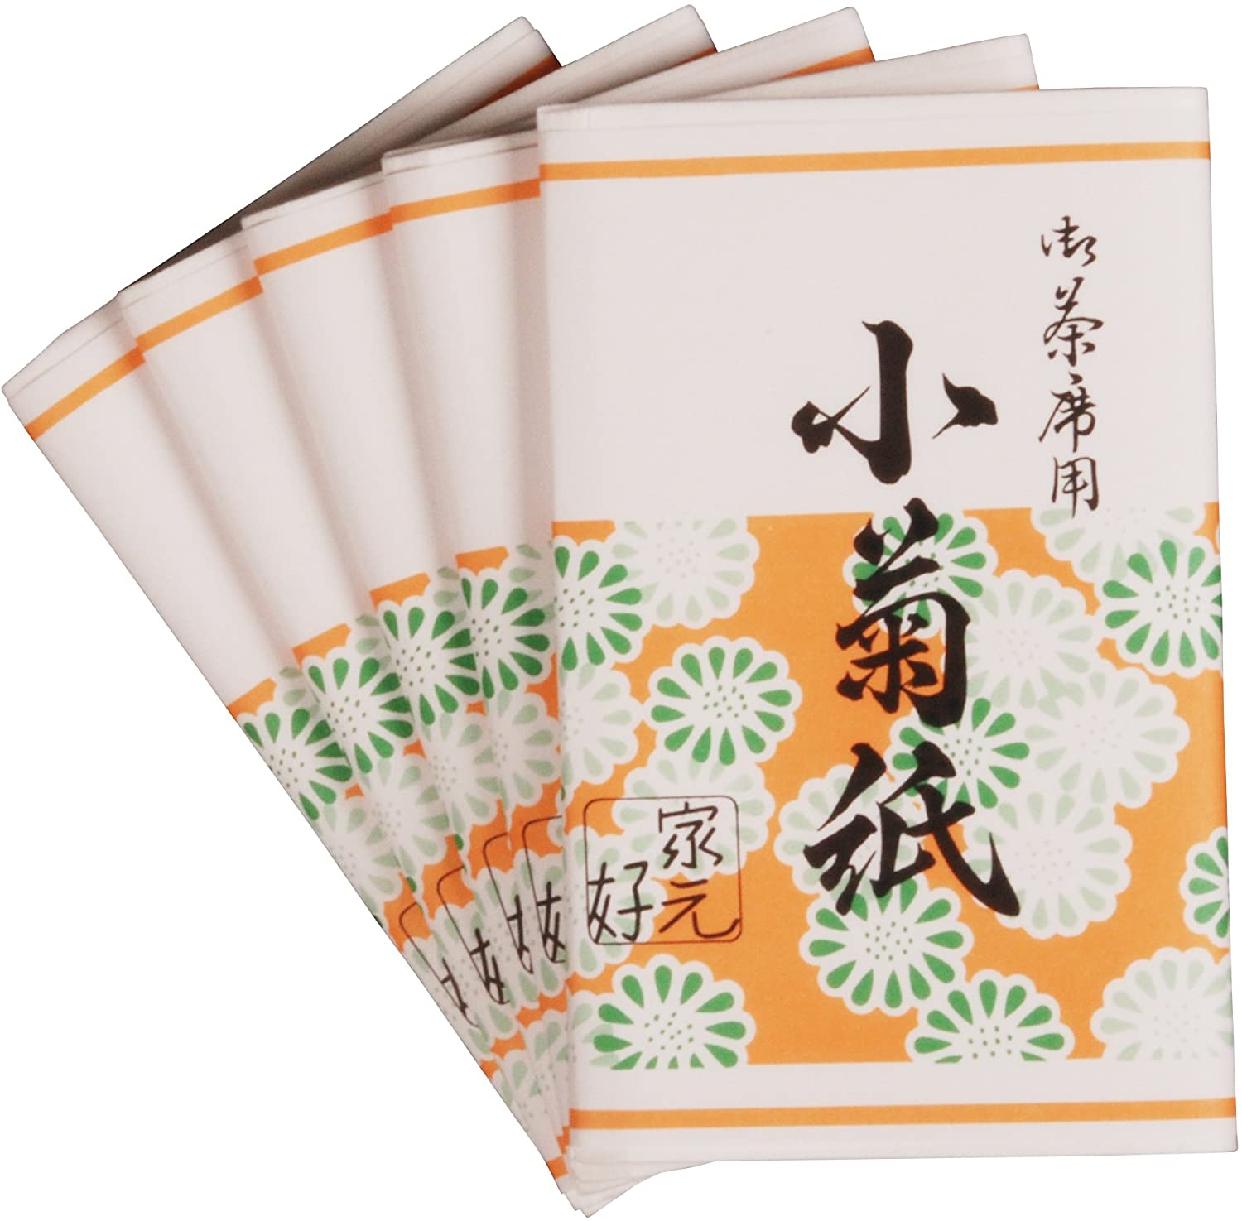 こころ懐紙本舗(ココロカイシホンポ) 小菊紙 5帖入 女性用サイズ 白(無地)の商品画像